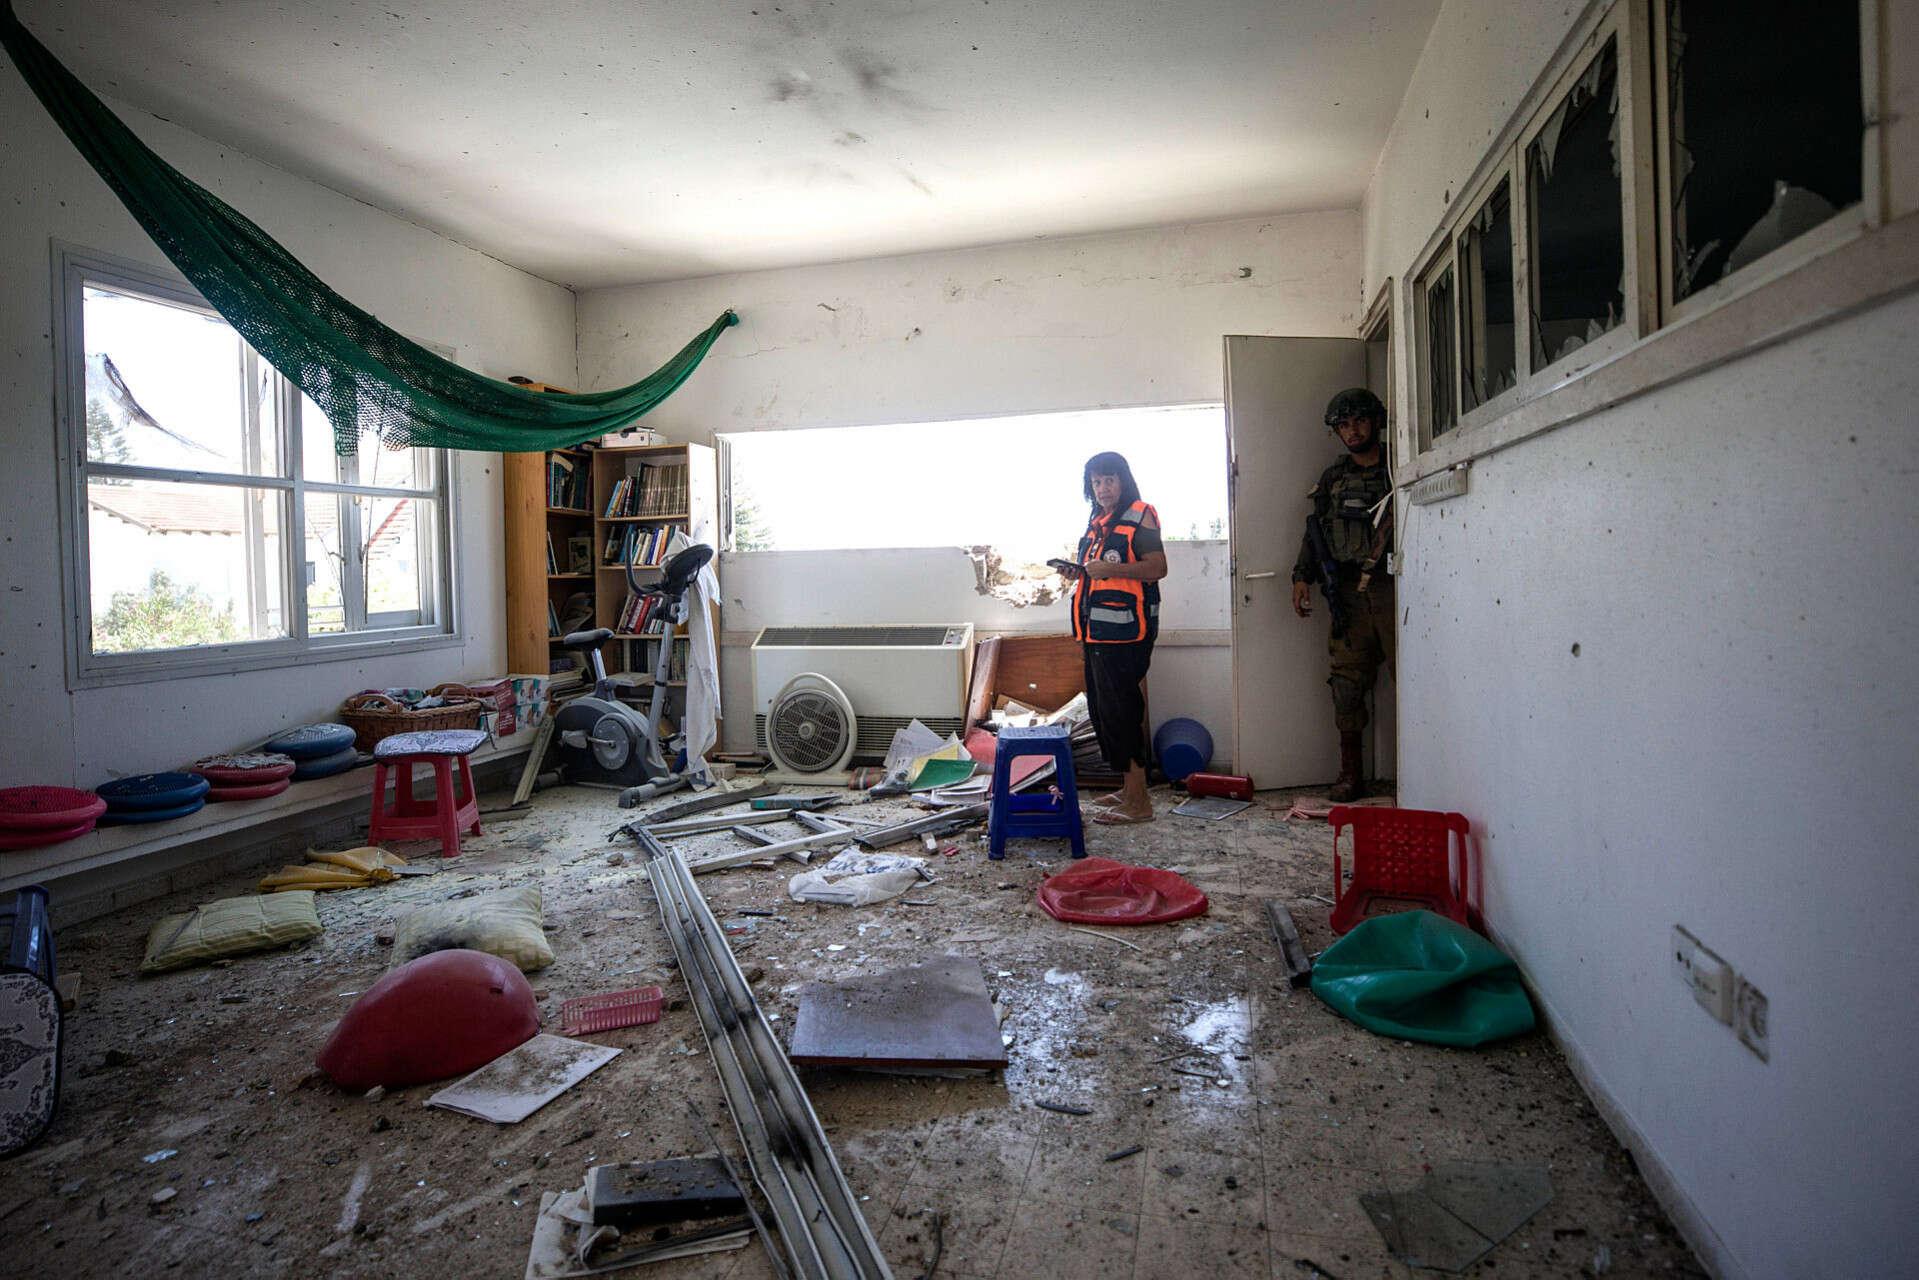 חמאס והג'יהאד האסלאמי: בוחנים את הרחבת טווח הירי